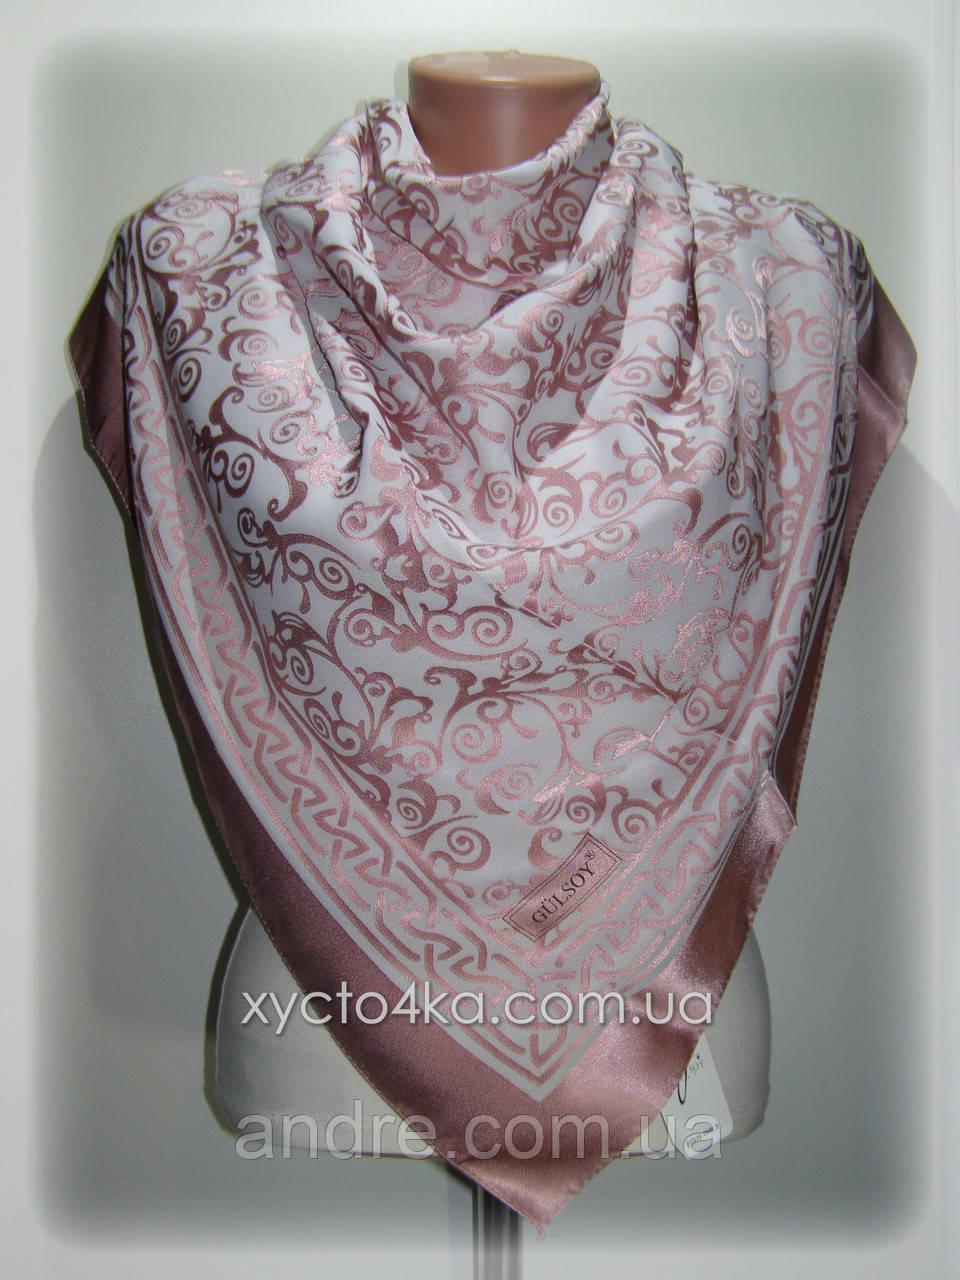 Шелковый платок Афродита, розовый